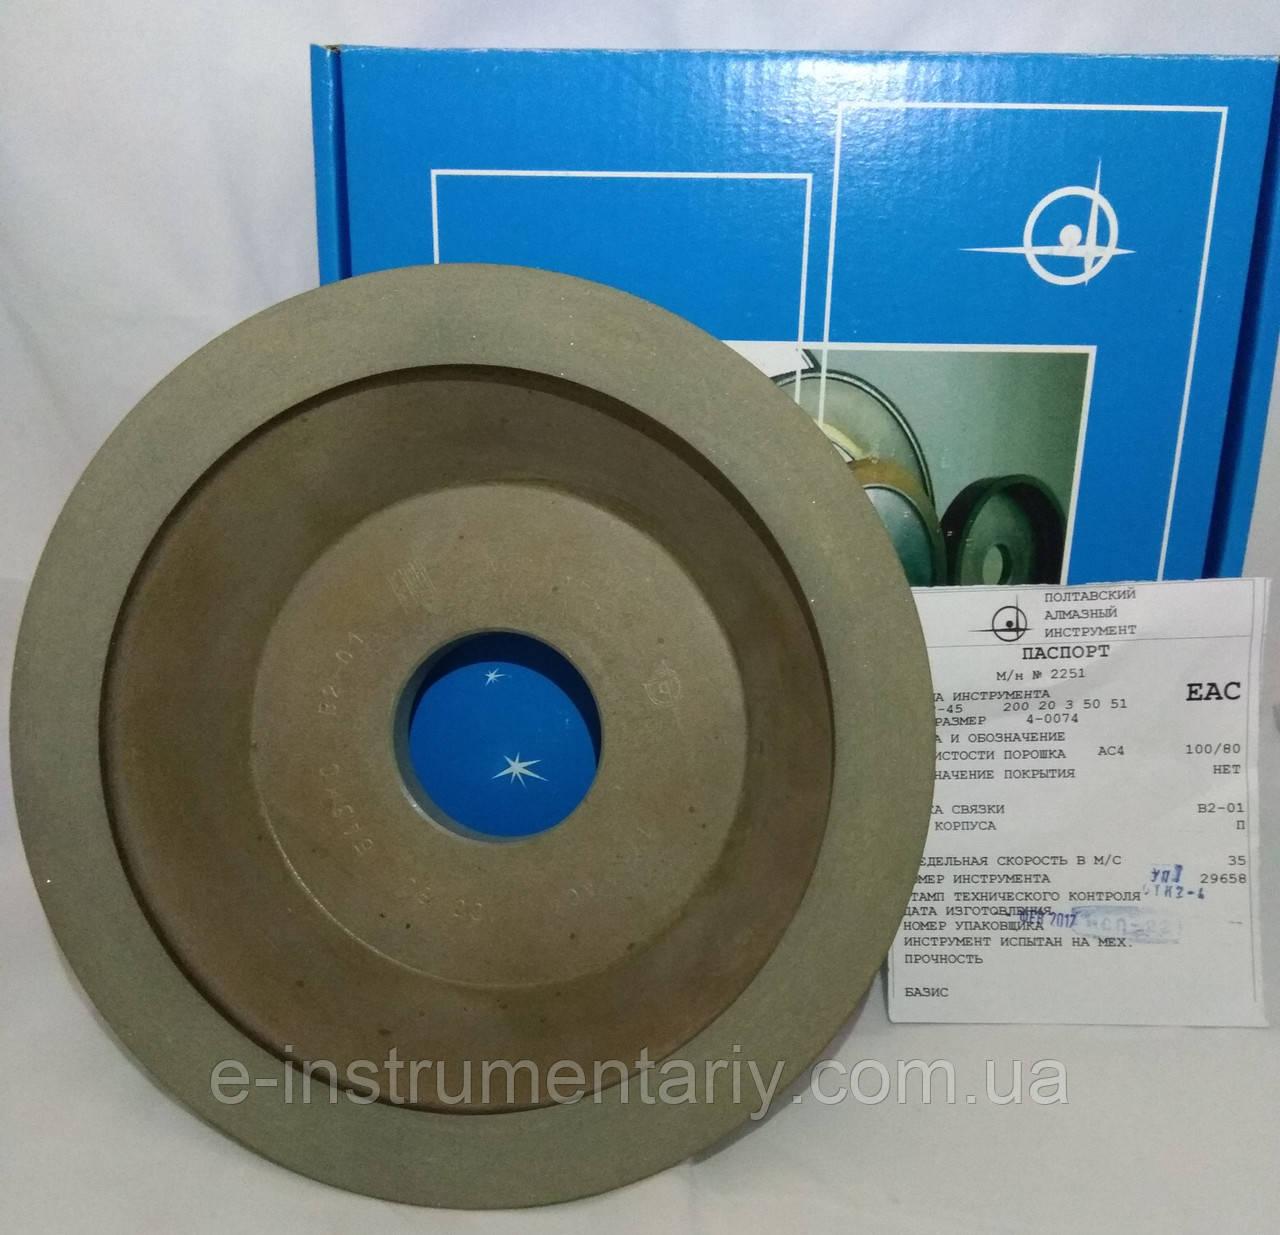 Круг алмазный 200х20х3х50х51 (чашка) (12А2-45°) Базис АС4 Связка В2-01